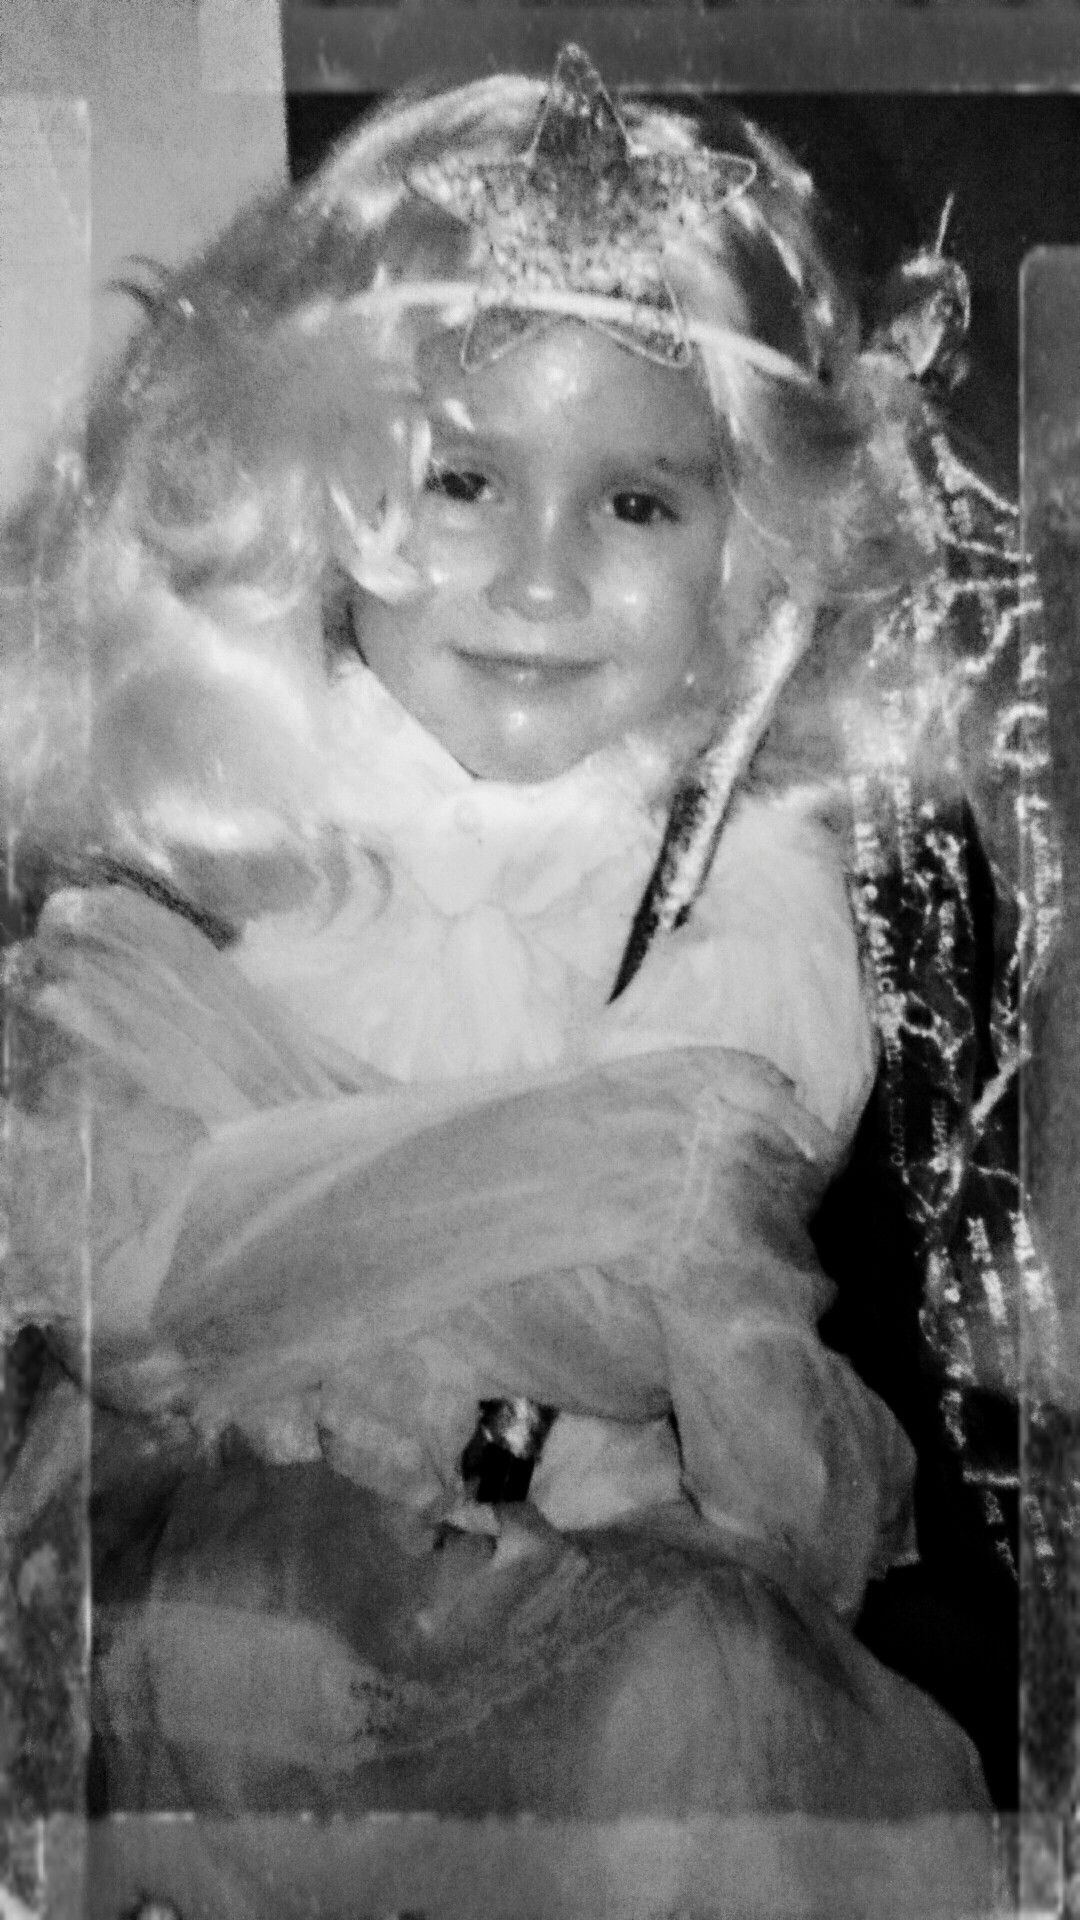 Mio piccolo angelo 😍